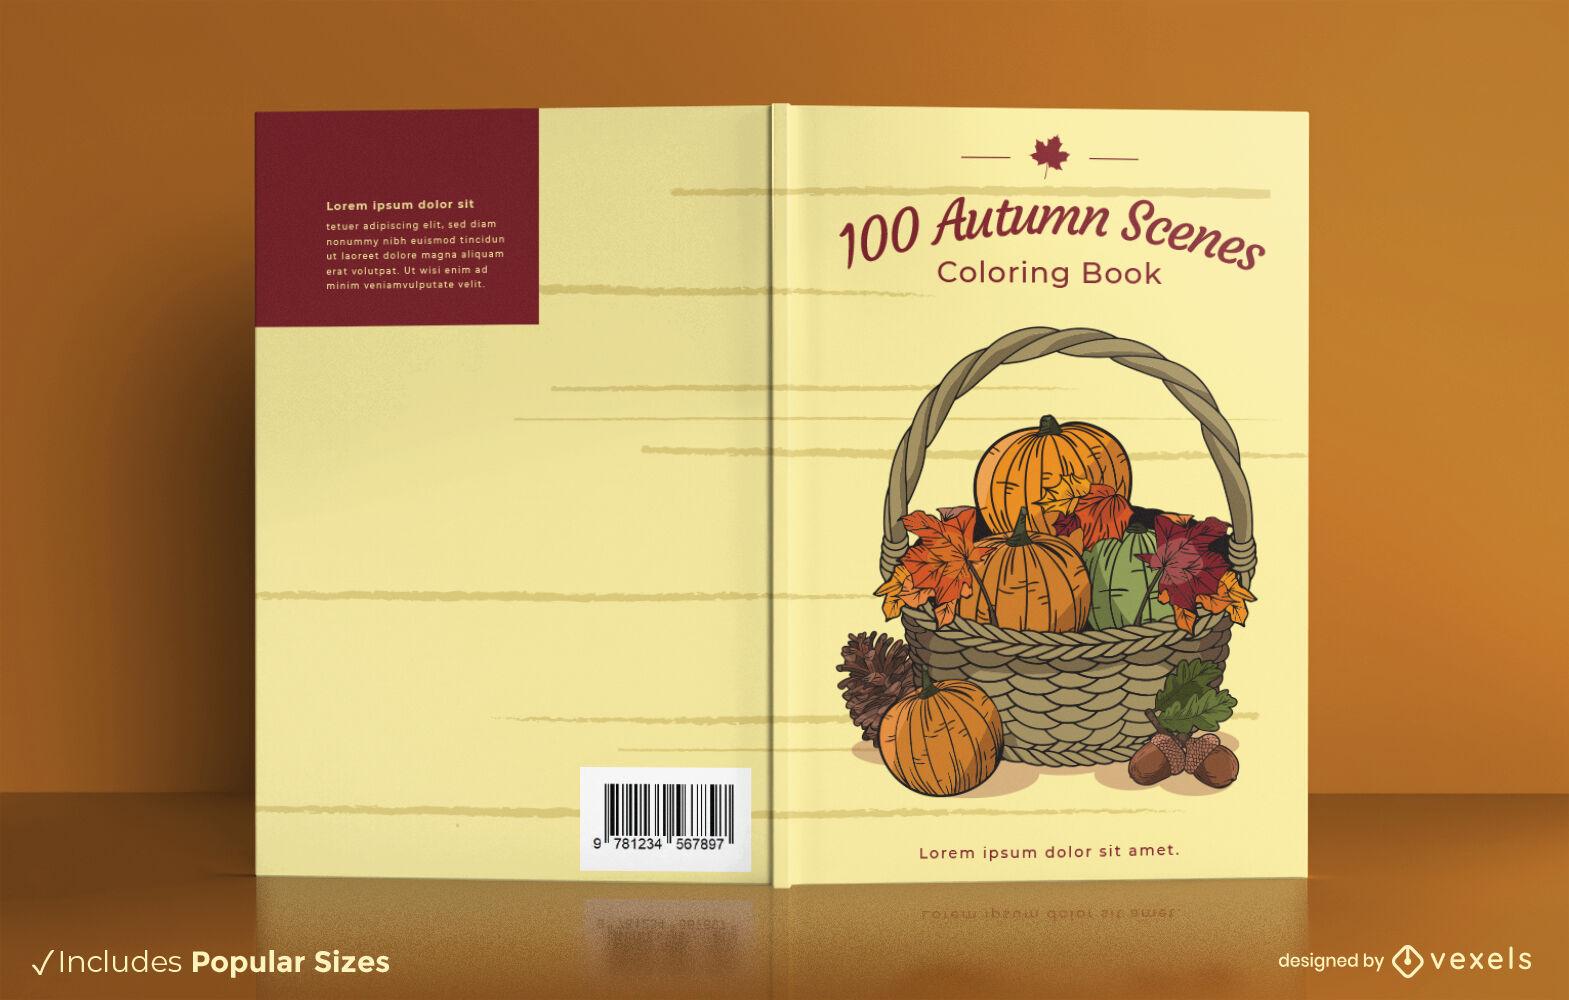 Autumn season basket book cover design